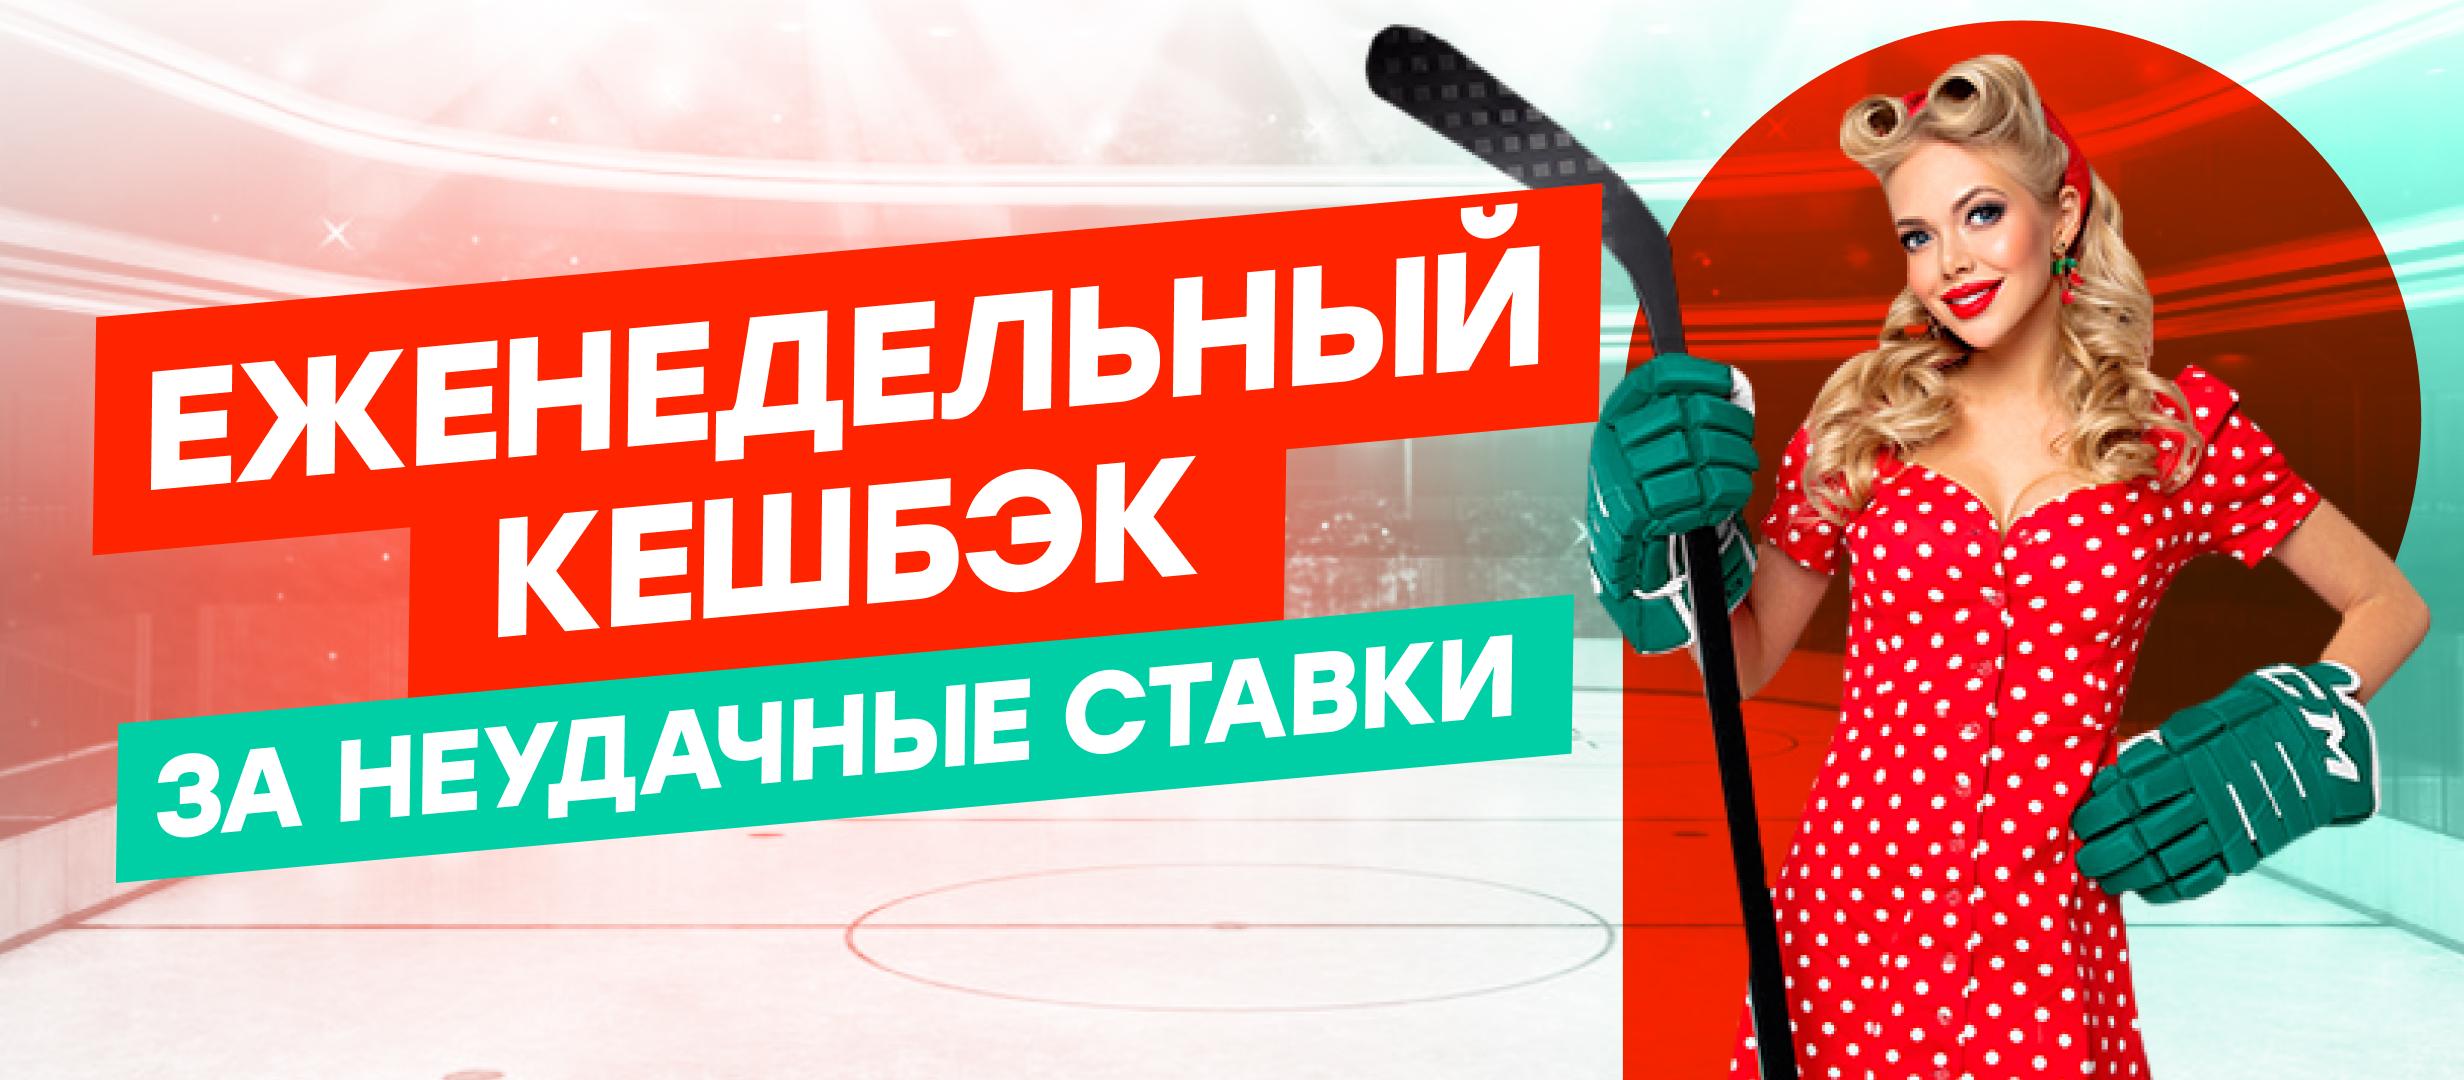 Фрибет от Pin-up.ru 15000 ₽.